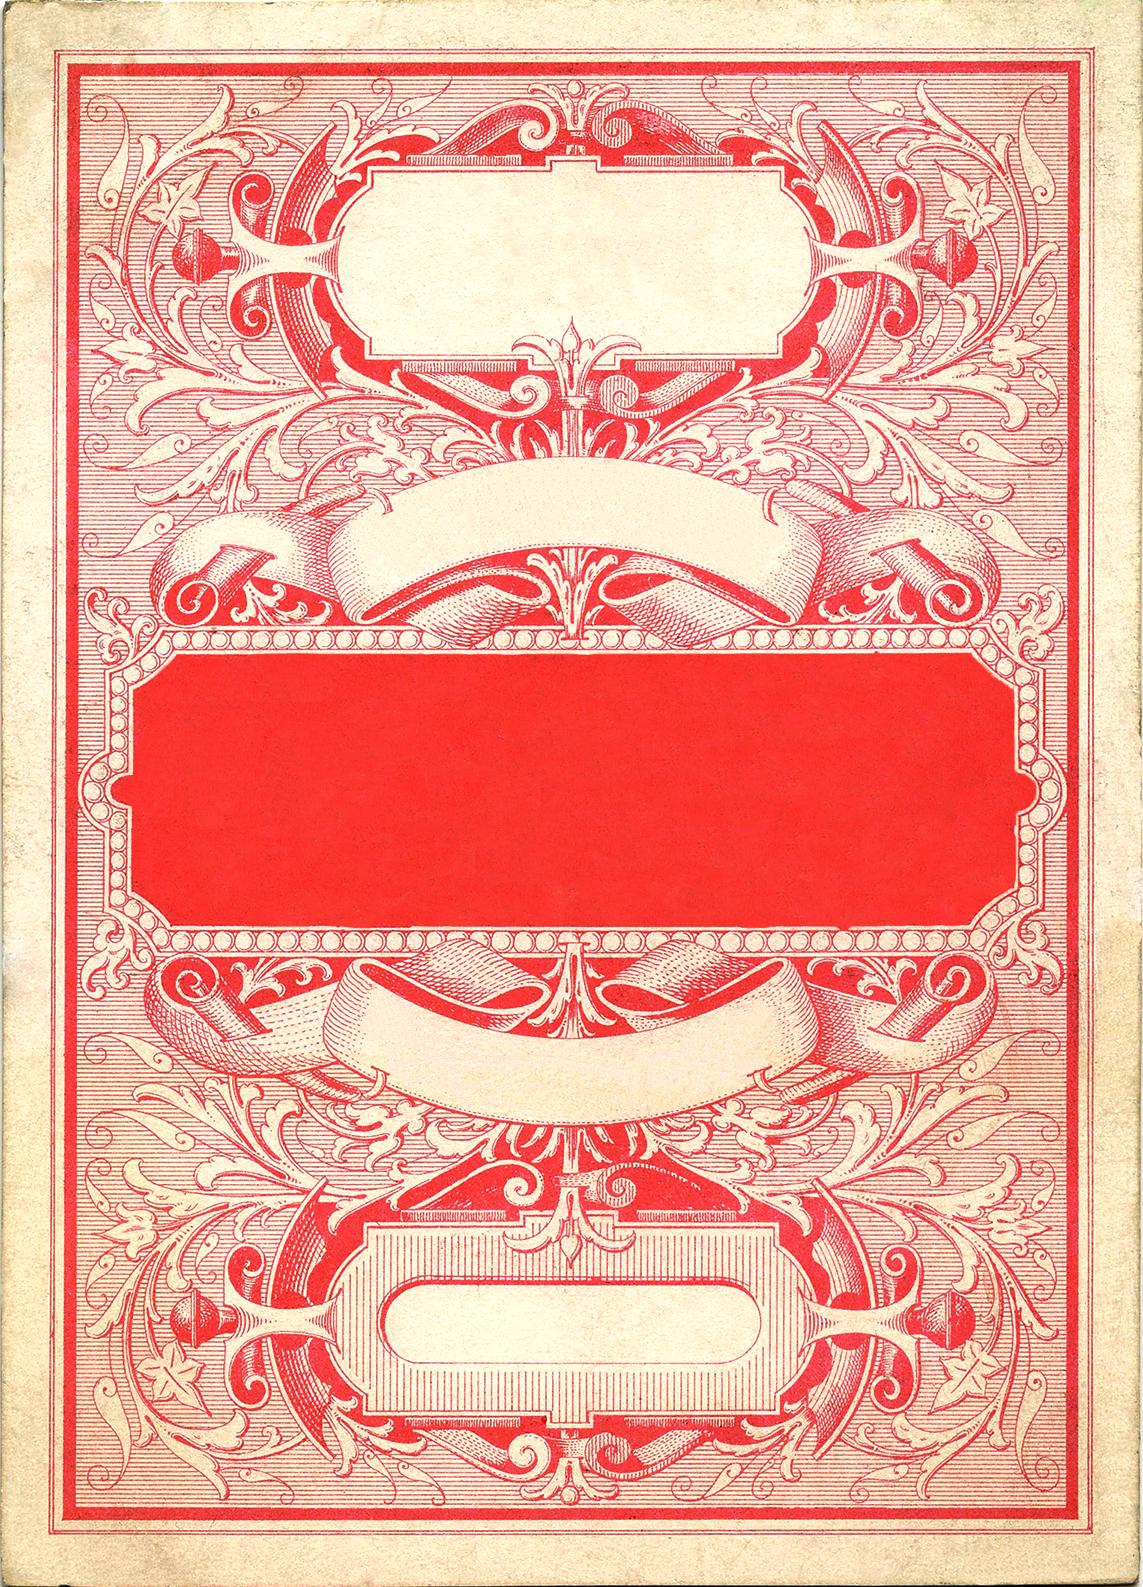 Шаблон из старой (винтажной) открытки красного цвета